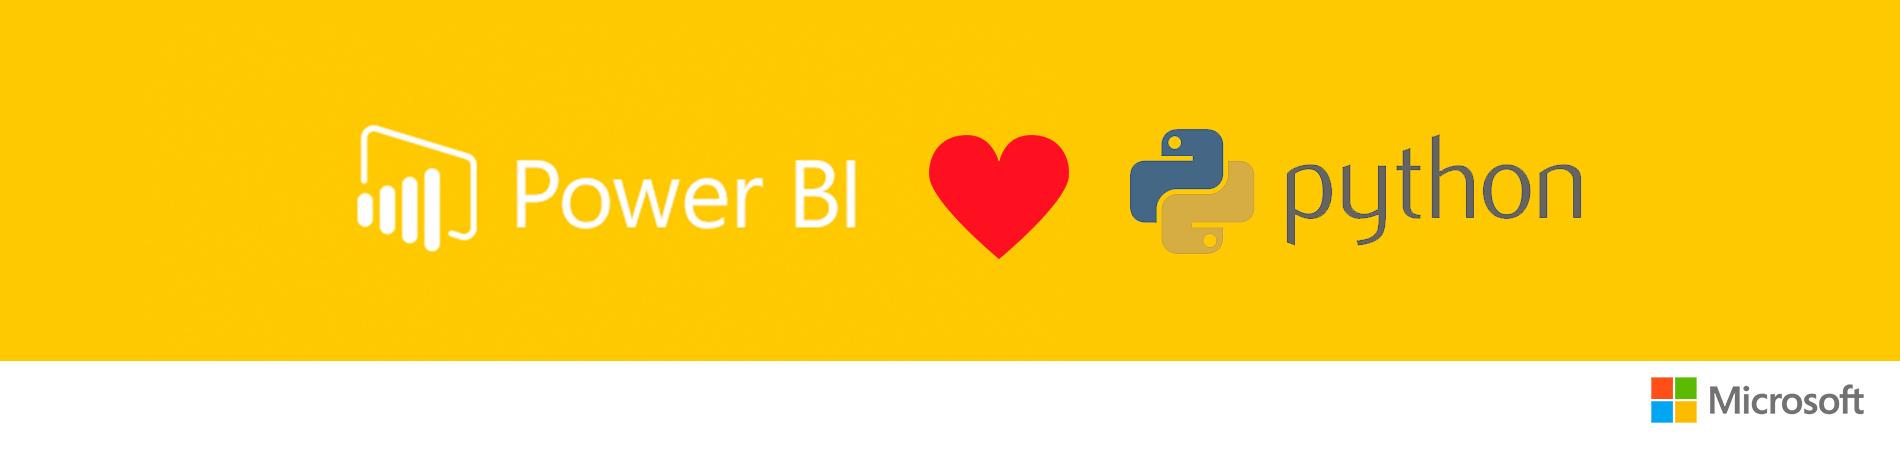 Поддержка Python в Power BI